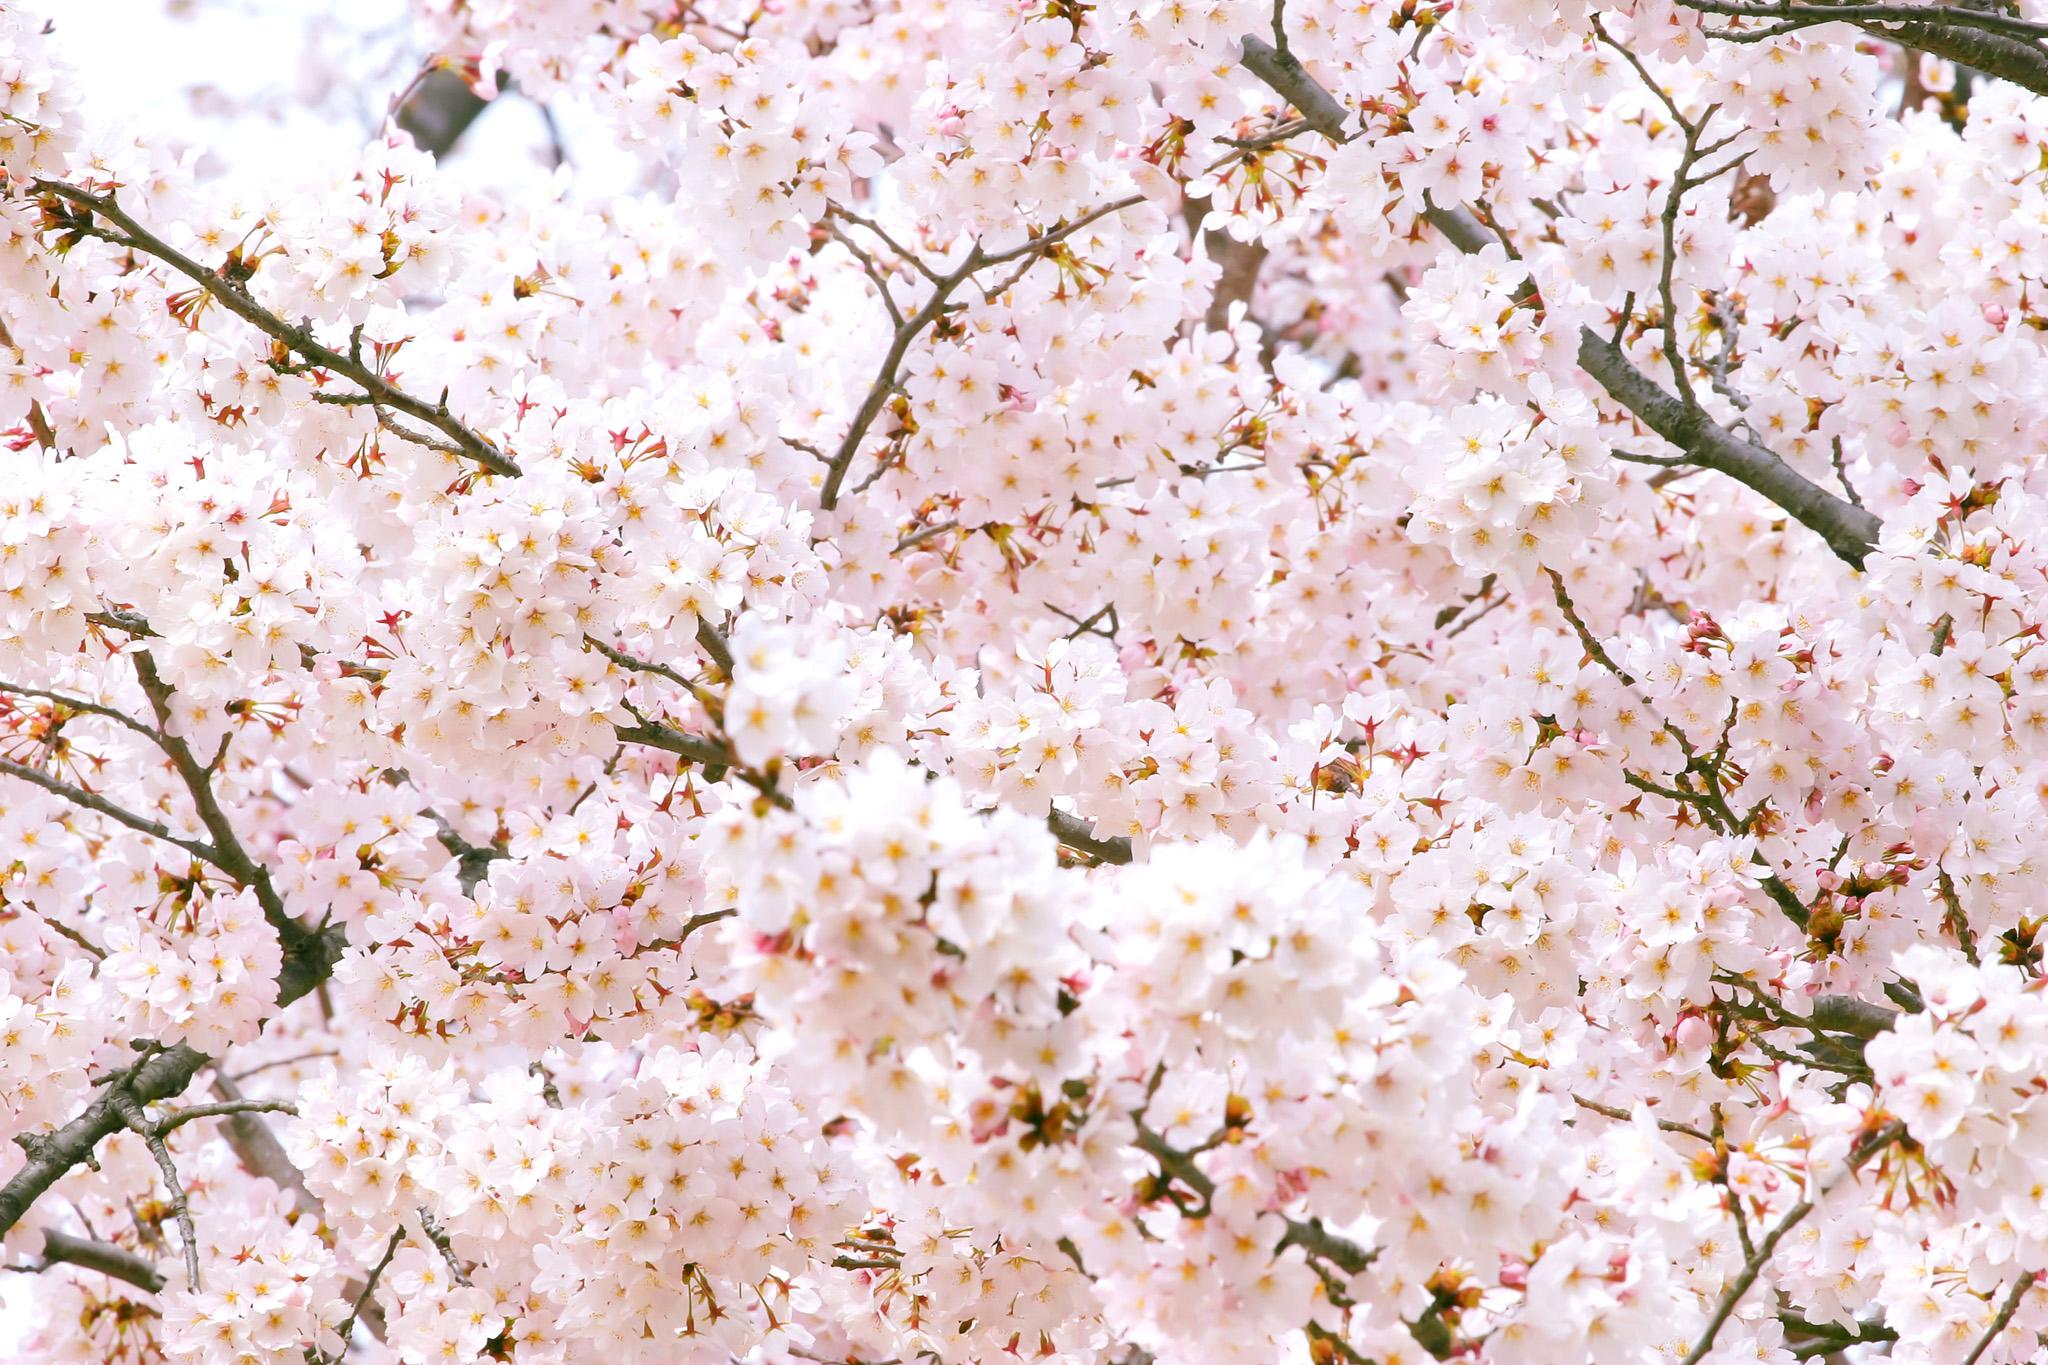 「桜満開の春の風景」の素材を無料ダウンロード